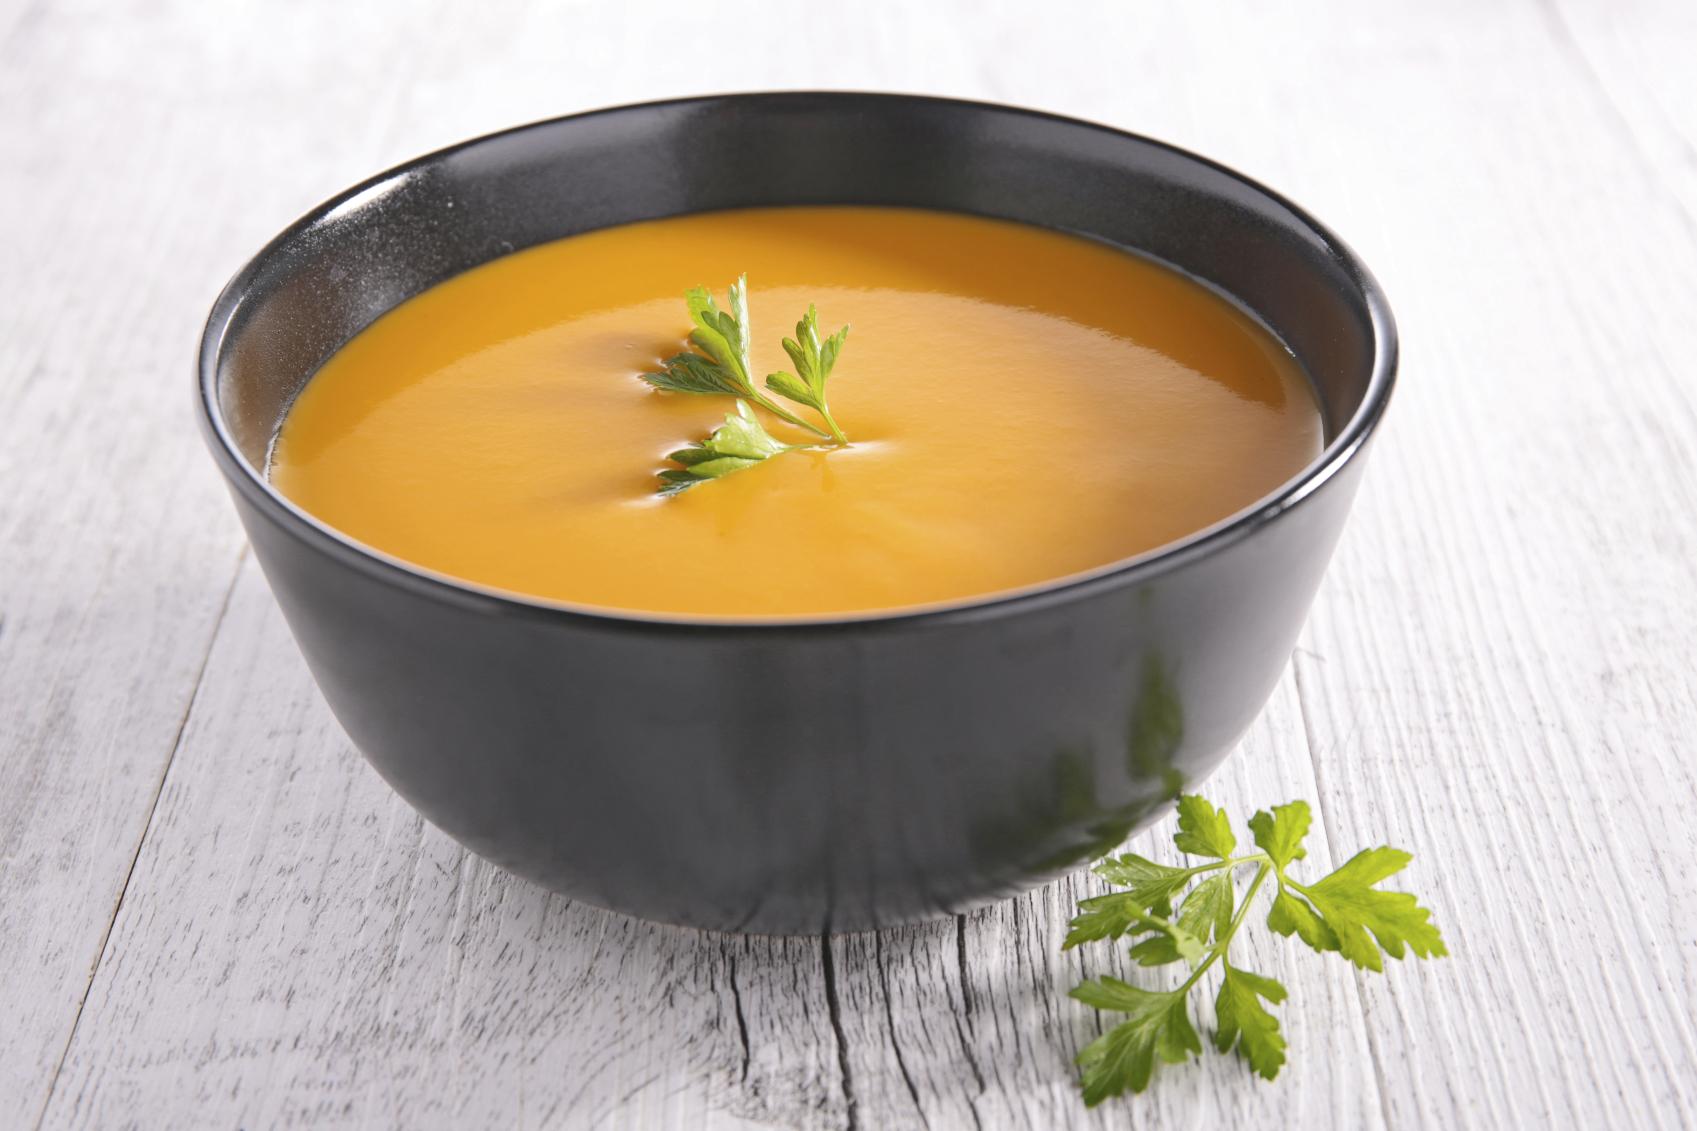 Crema de zanahoria y ajos fritos